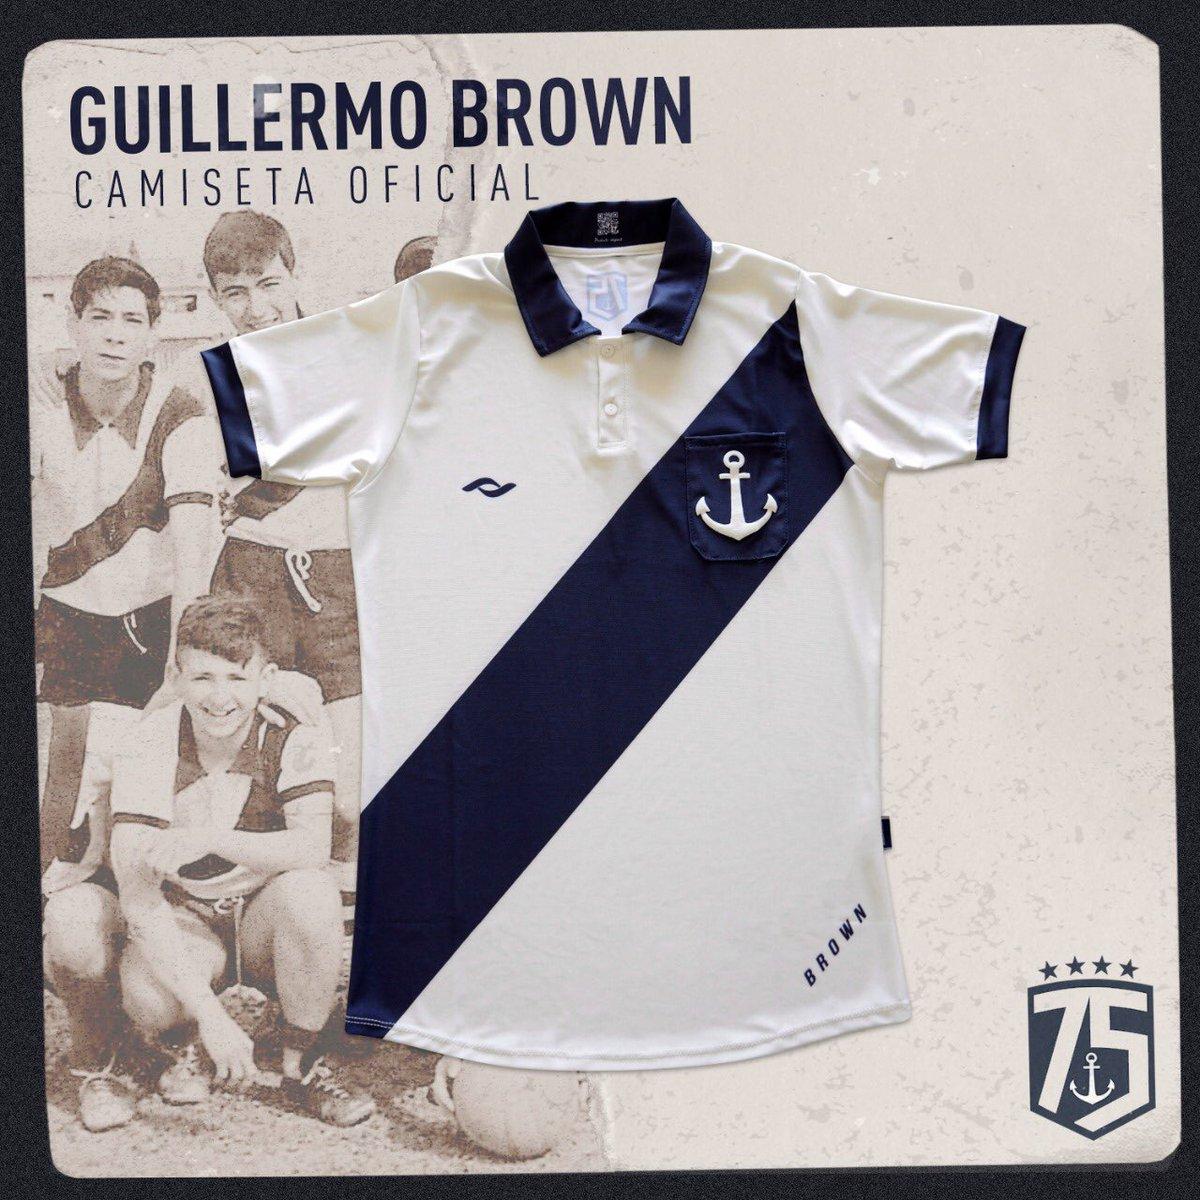 Camisa de 75 anos do Guillermo Brown 2020 Coach